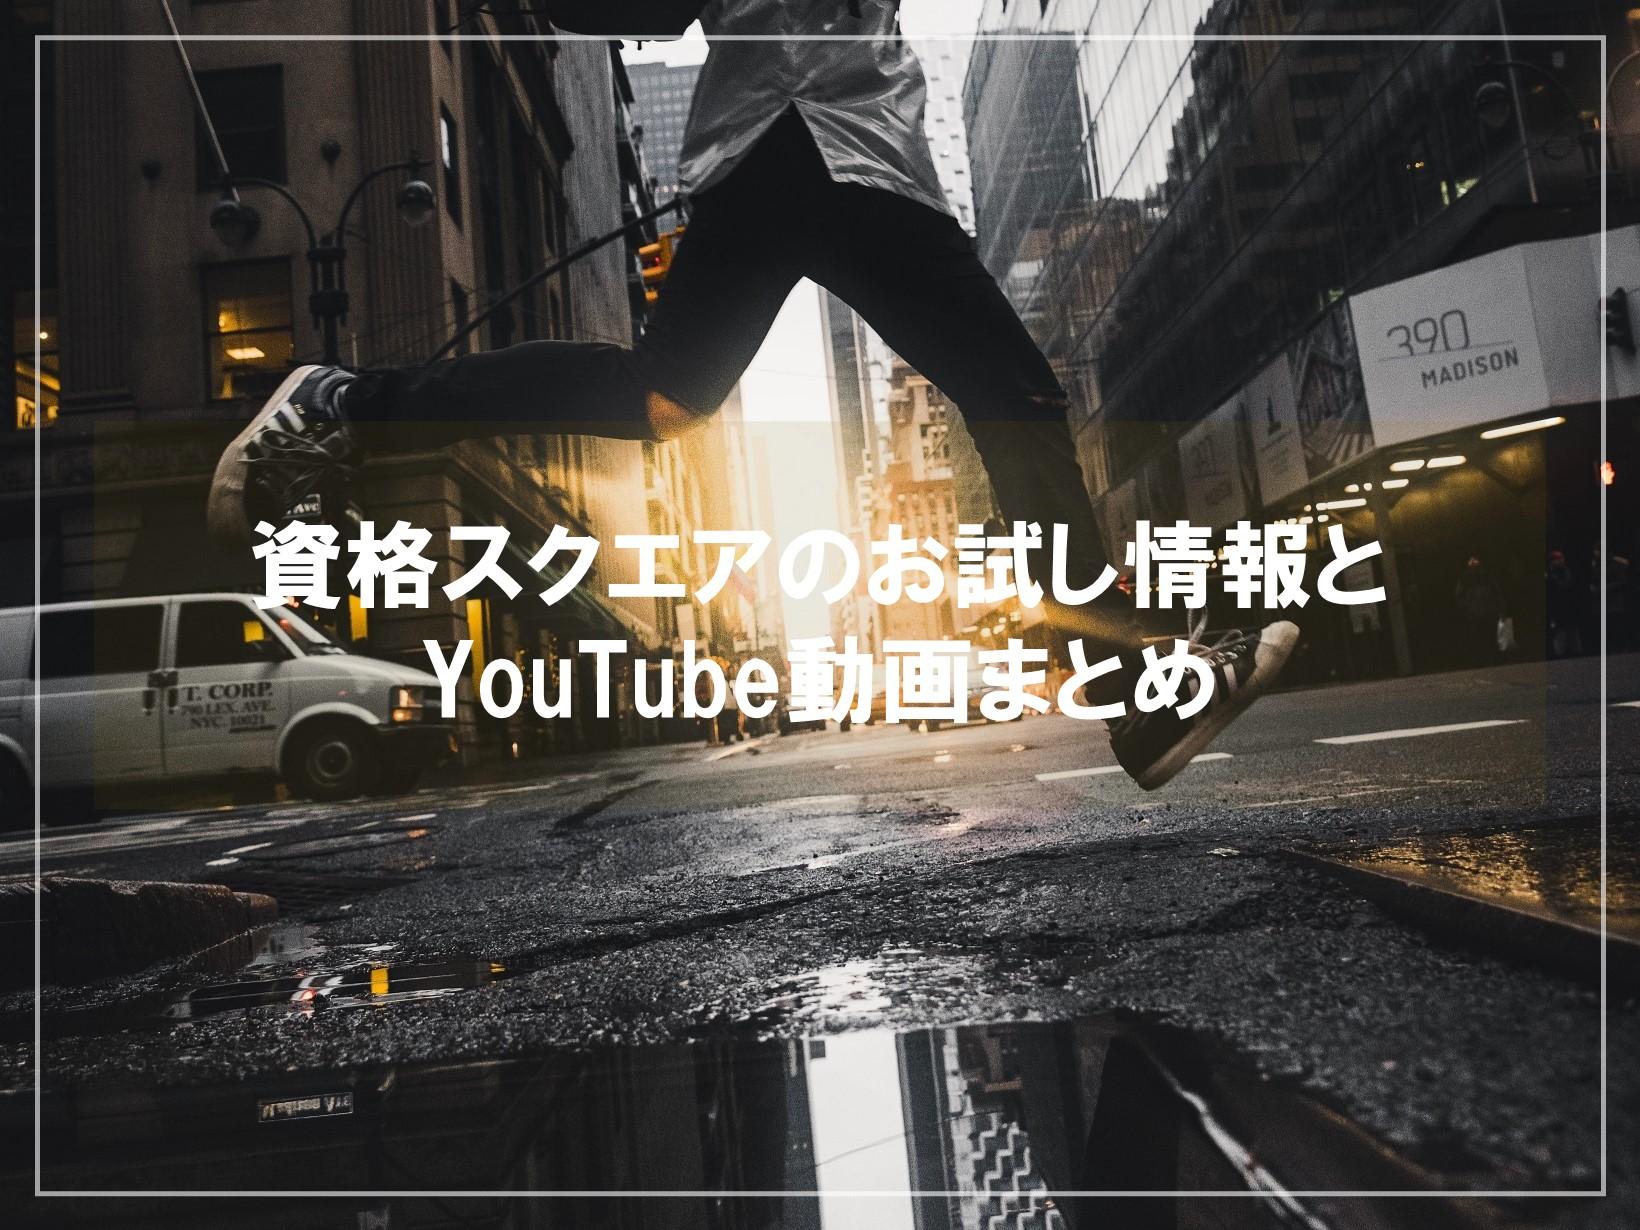 資格スクエアのお試し情報&YouTube動画まとめ